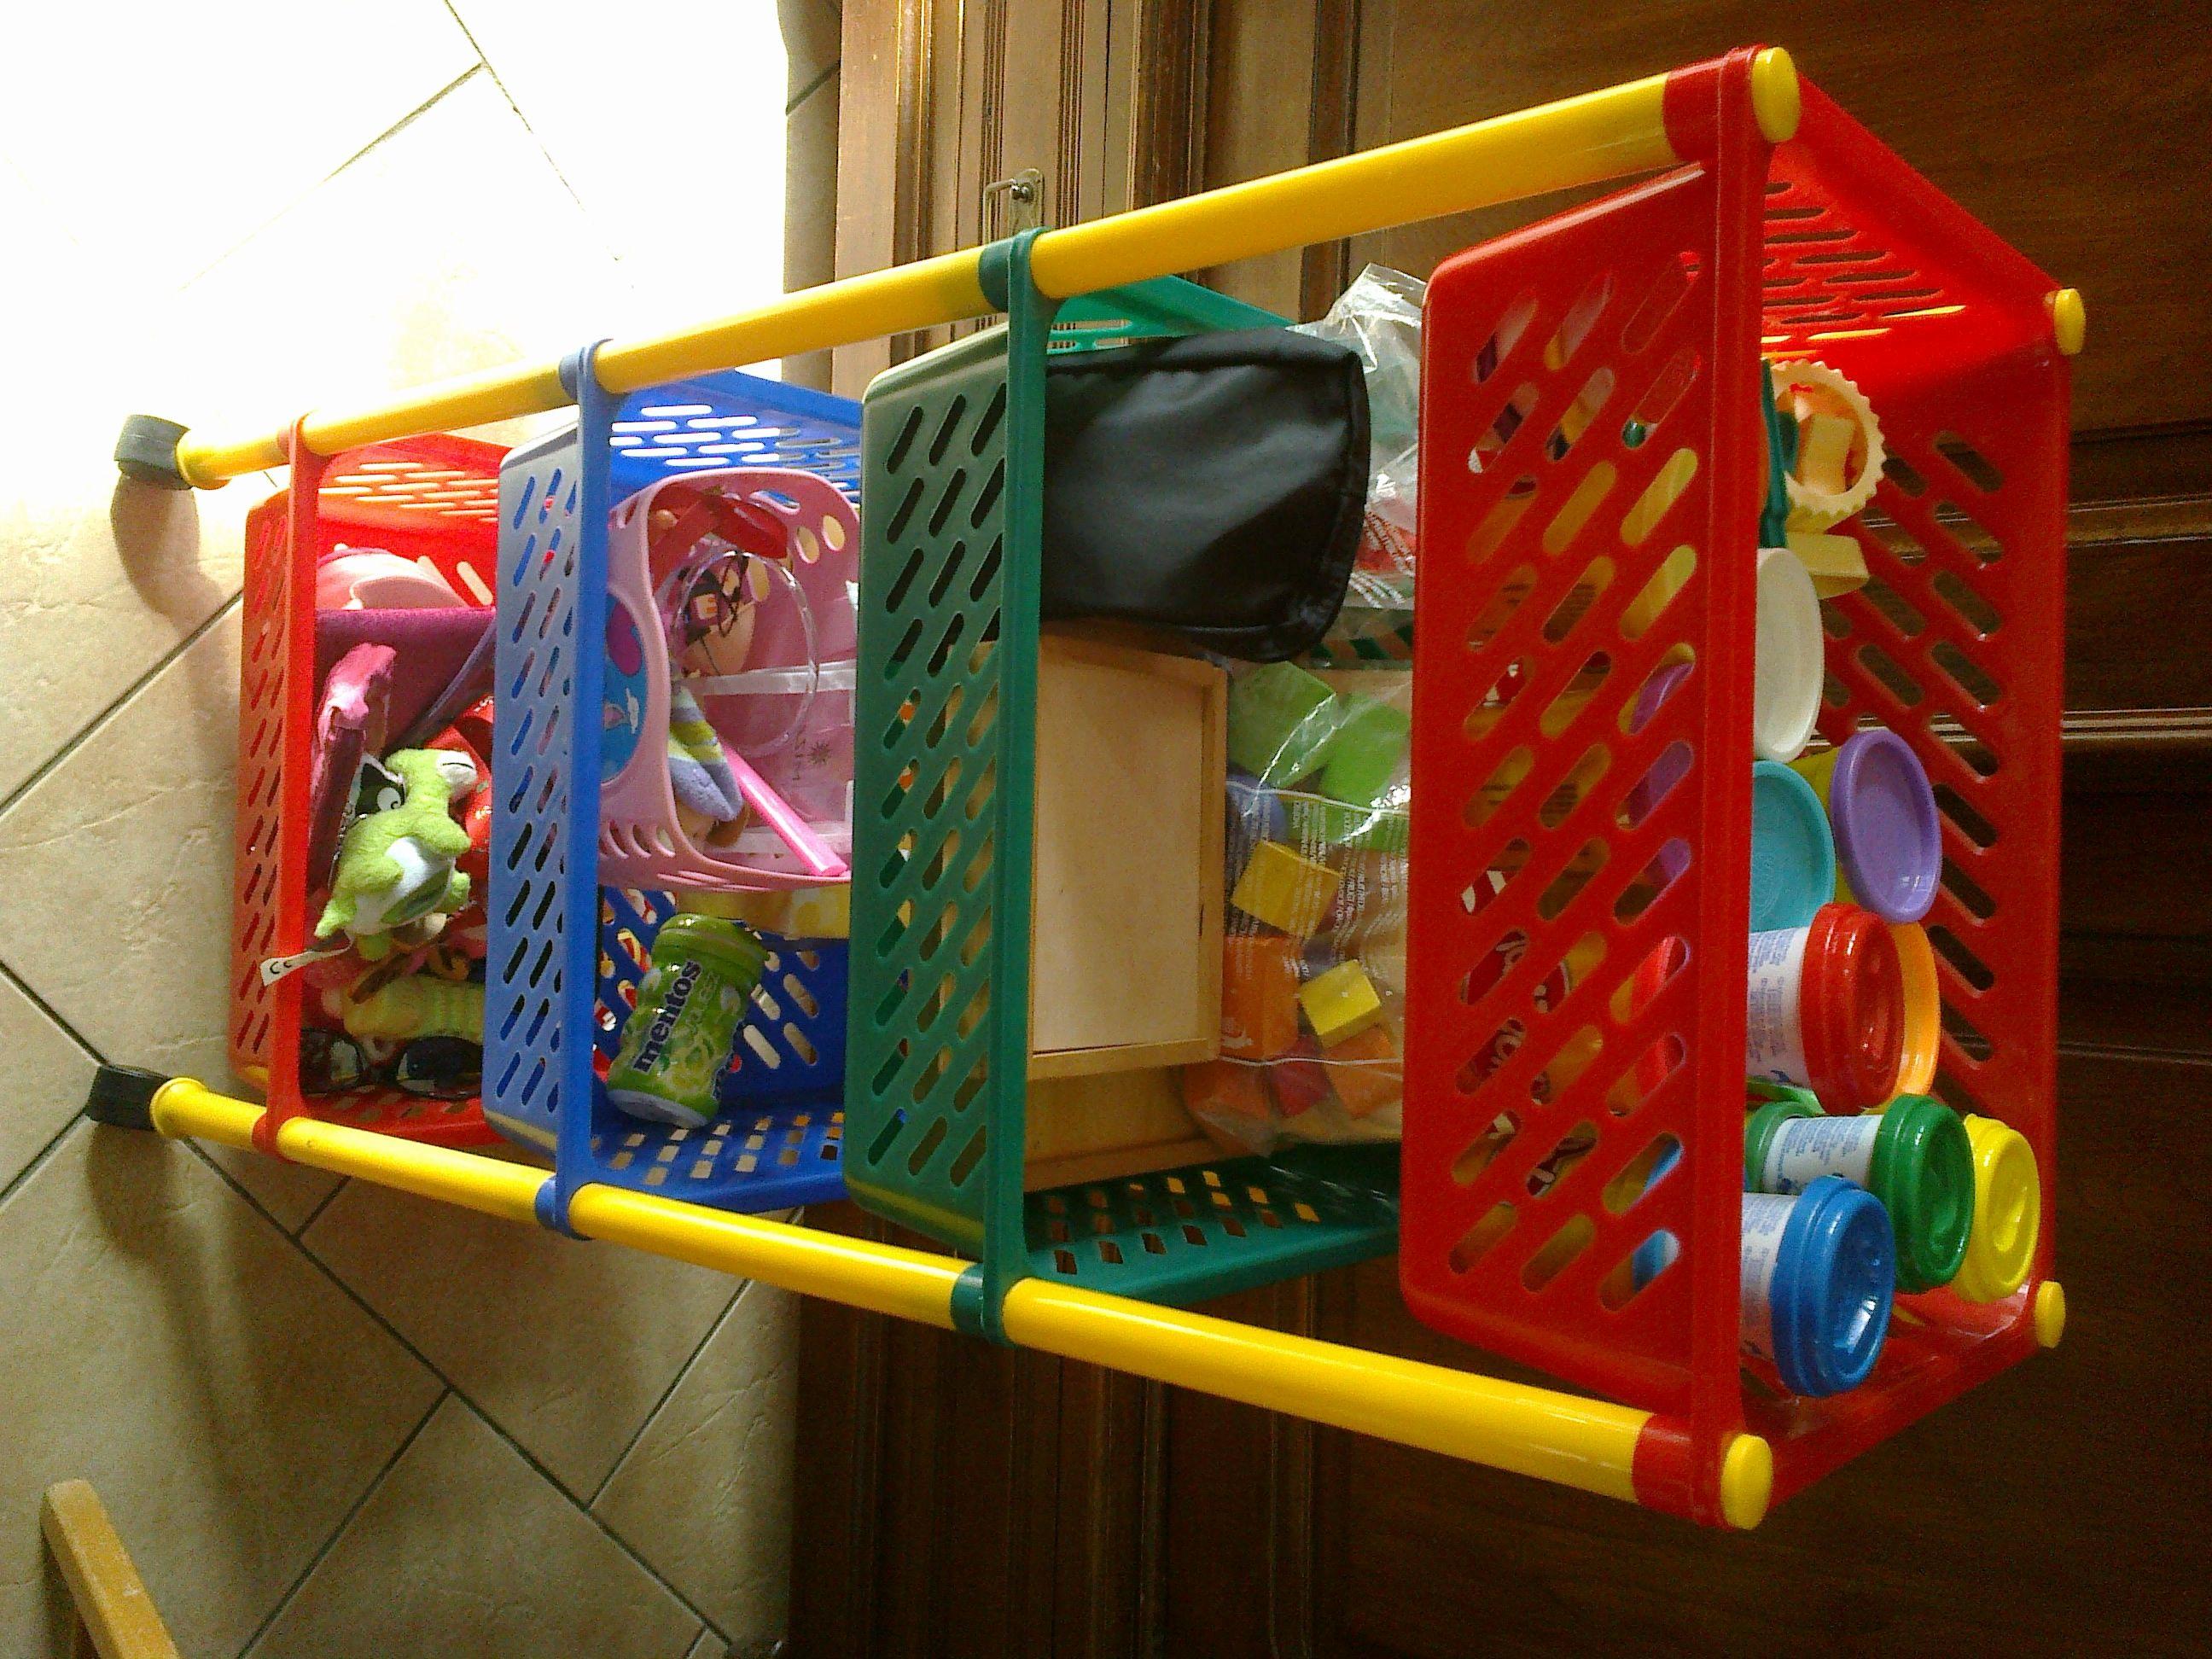 Une desserte à fruits et légumes  multicolore pour ranger et trier les jouets des enfants. Dimensions impeccables pour être à la hauteur des petits, les jouets restent accessibles et visibles. Petit plus : les roulettes, pratiques pour faire le ménage...Trouvée sur Leboncoin pour 5€...